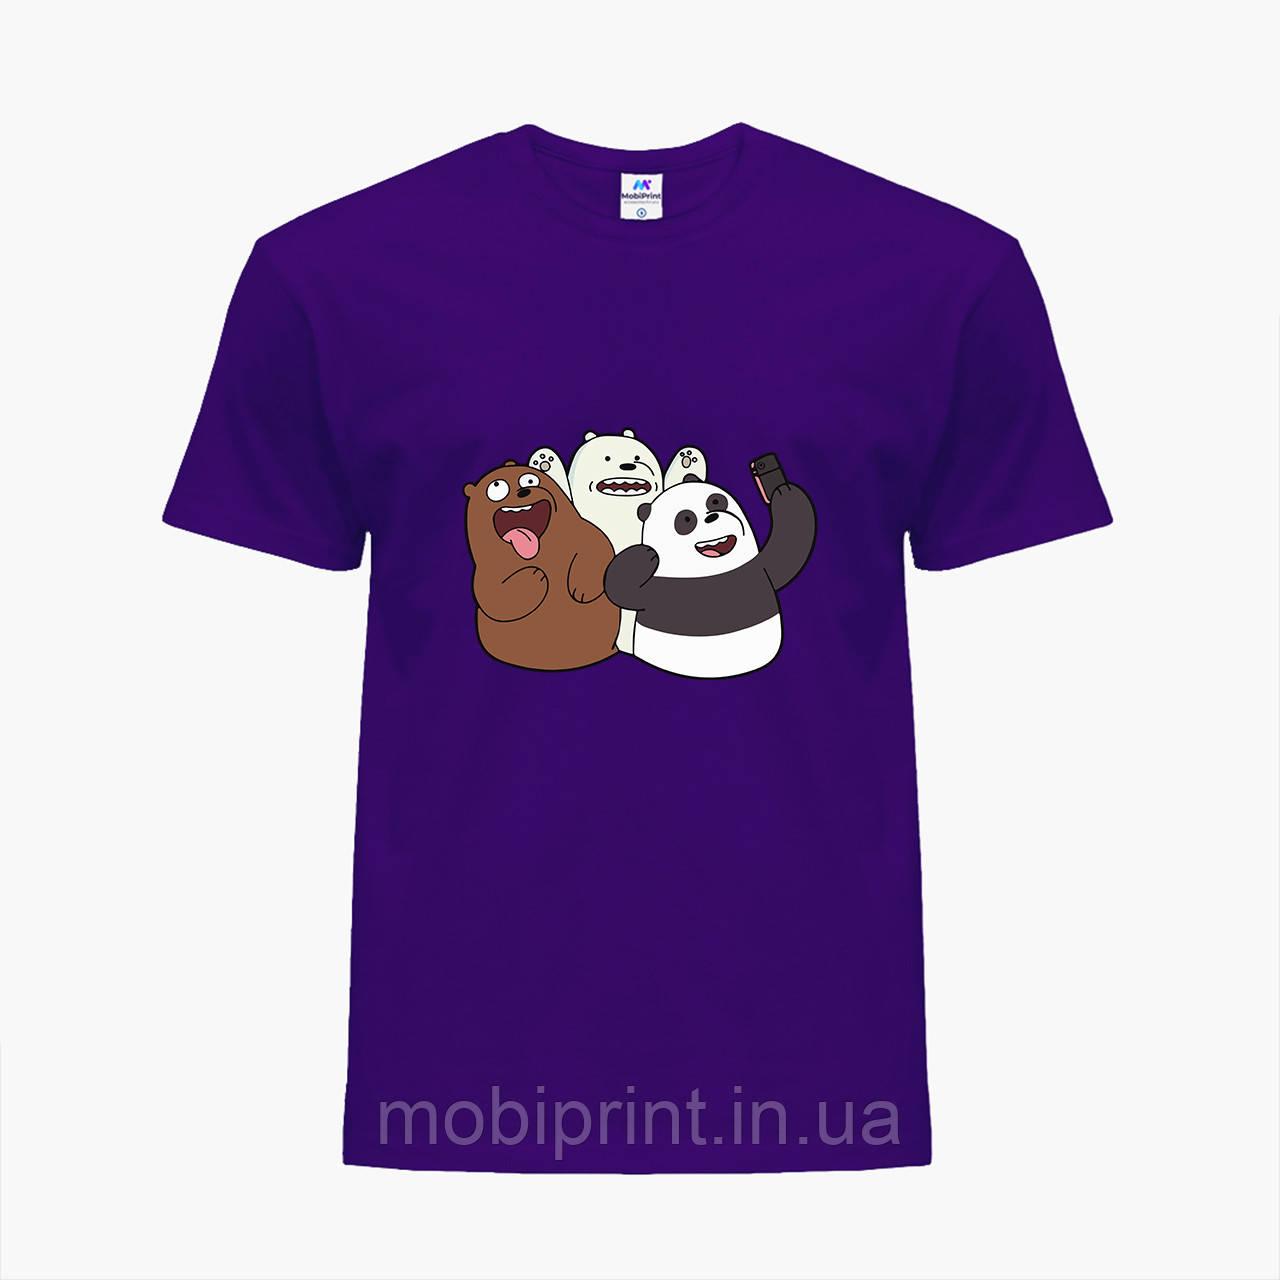 Детская футболка для мальчиков Вся правда о медведях (We Bare Bears) (25186-2665-PU) Фиолетовый